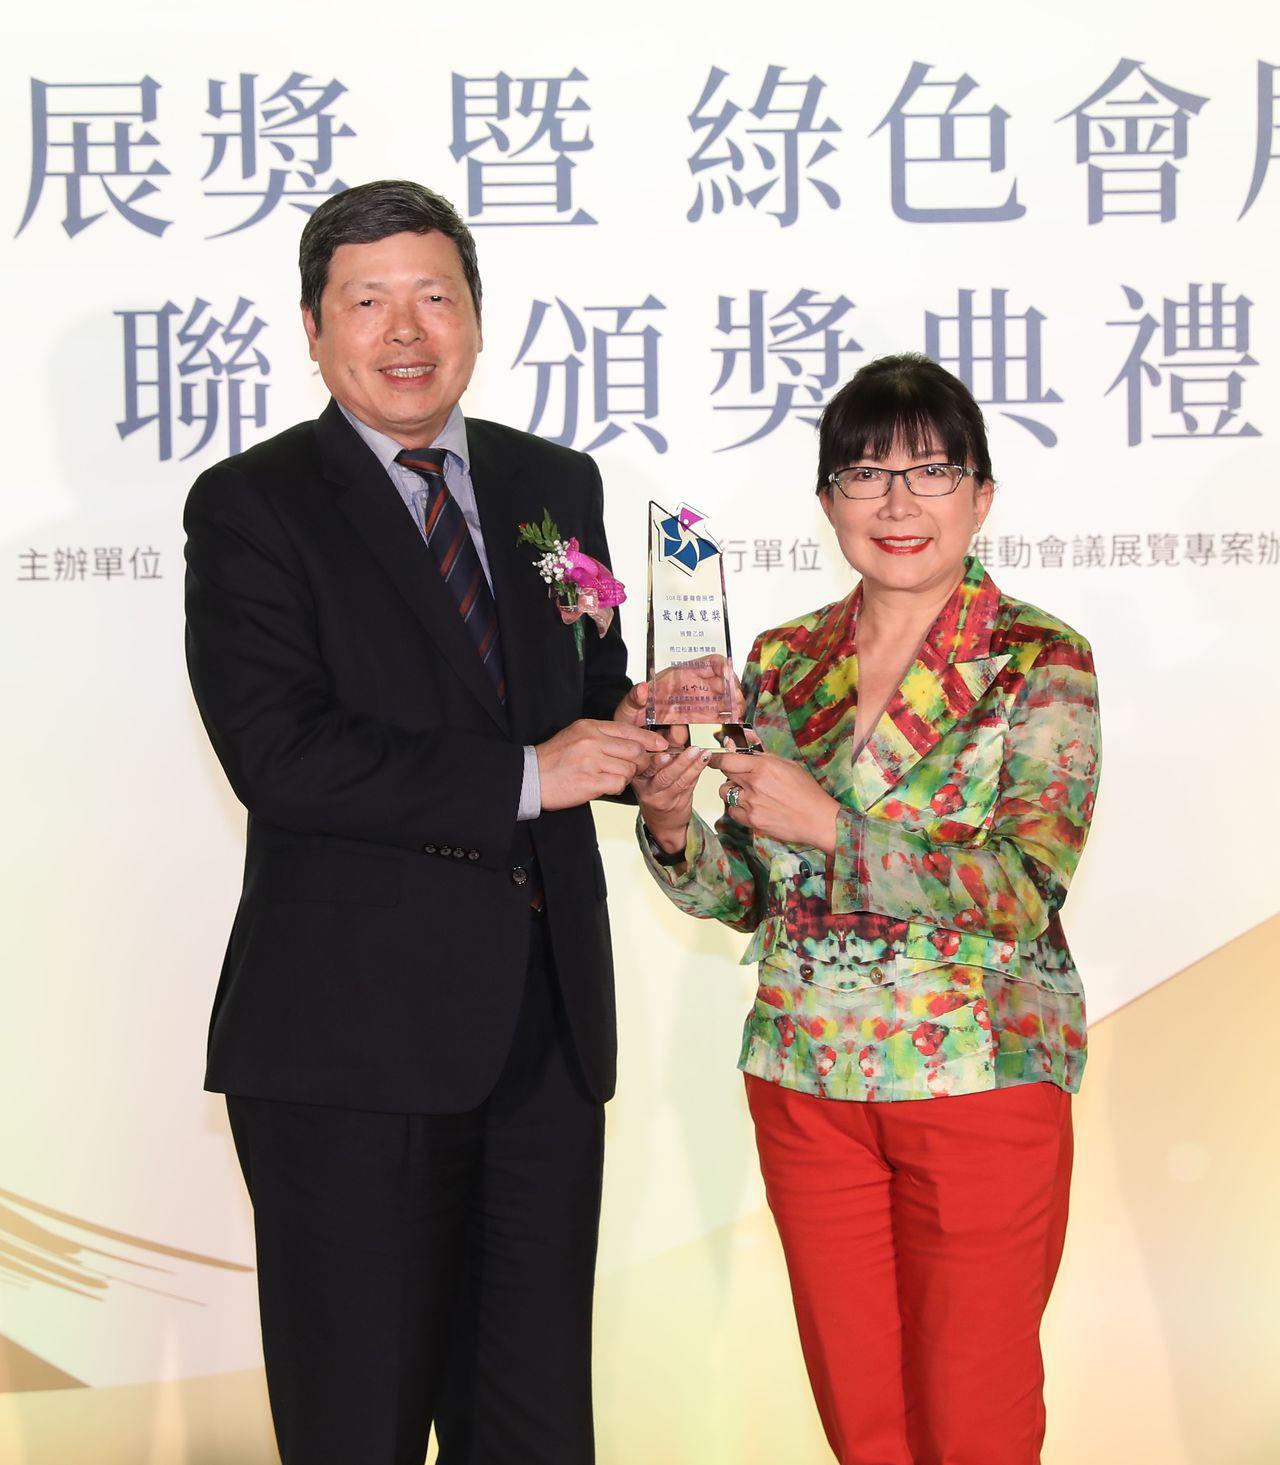 外貿協會葉明水秘書長頒發台灣會展獎最佳展覽獎展盟展覽有限公司。貿協提供